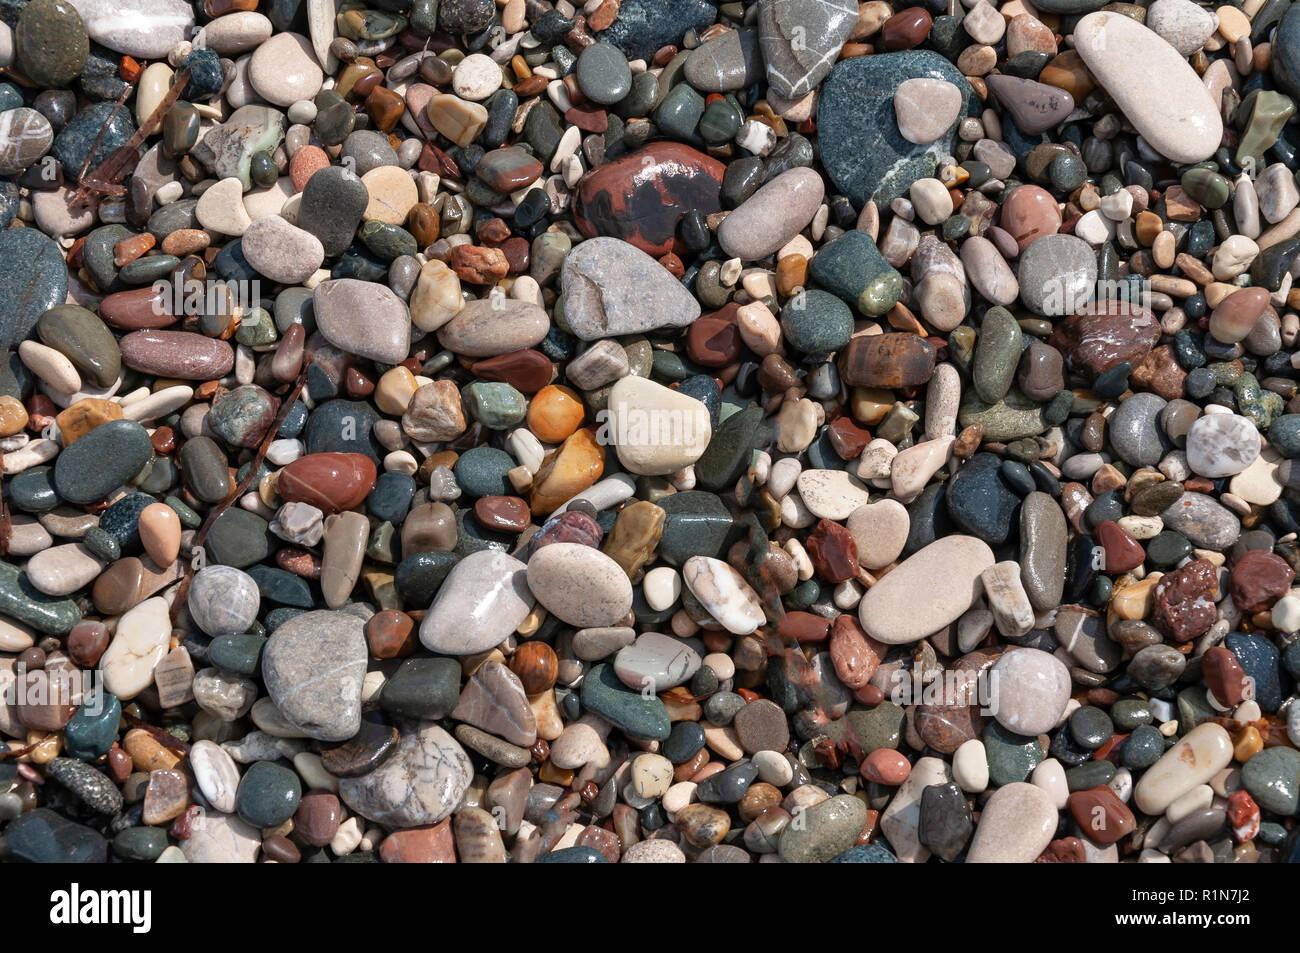 Wet pebbles on beach, Aphrodite's Beach (Petra tou Romiou), Kouklia, Pafos District, Republic of Cyprus - Stock Image